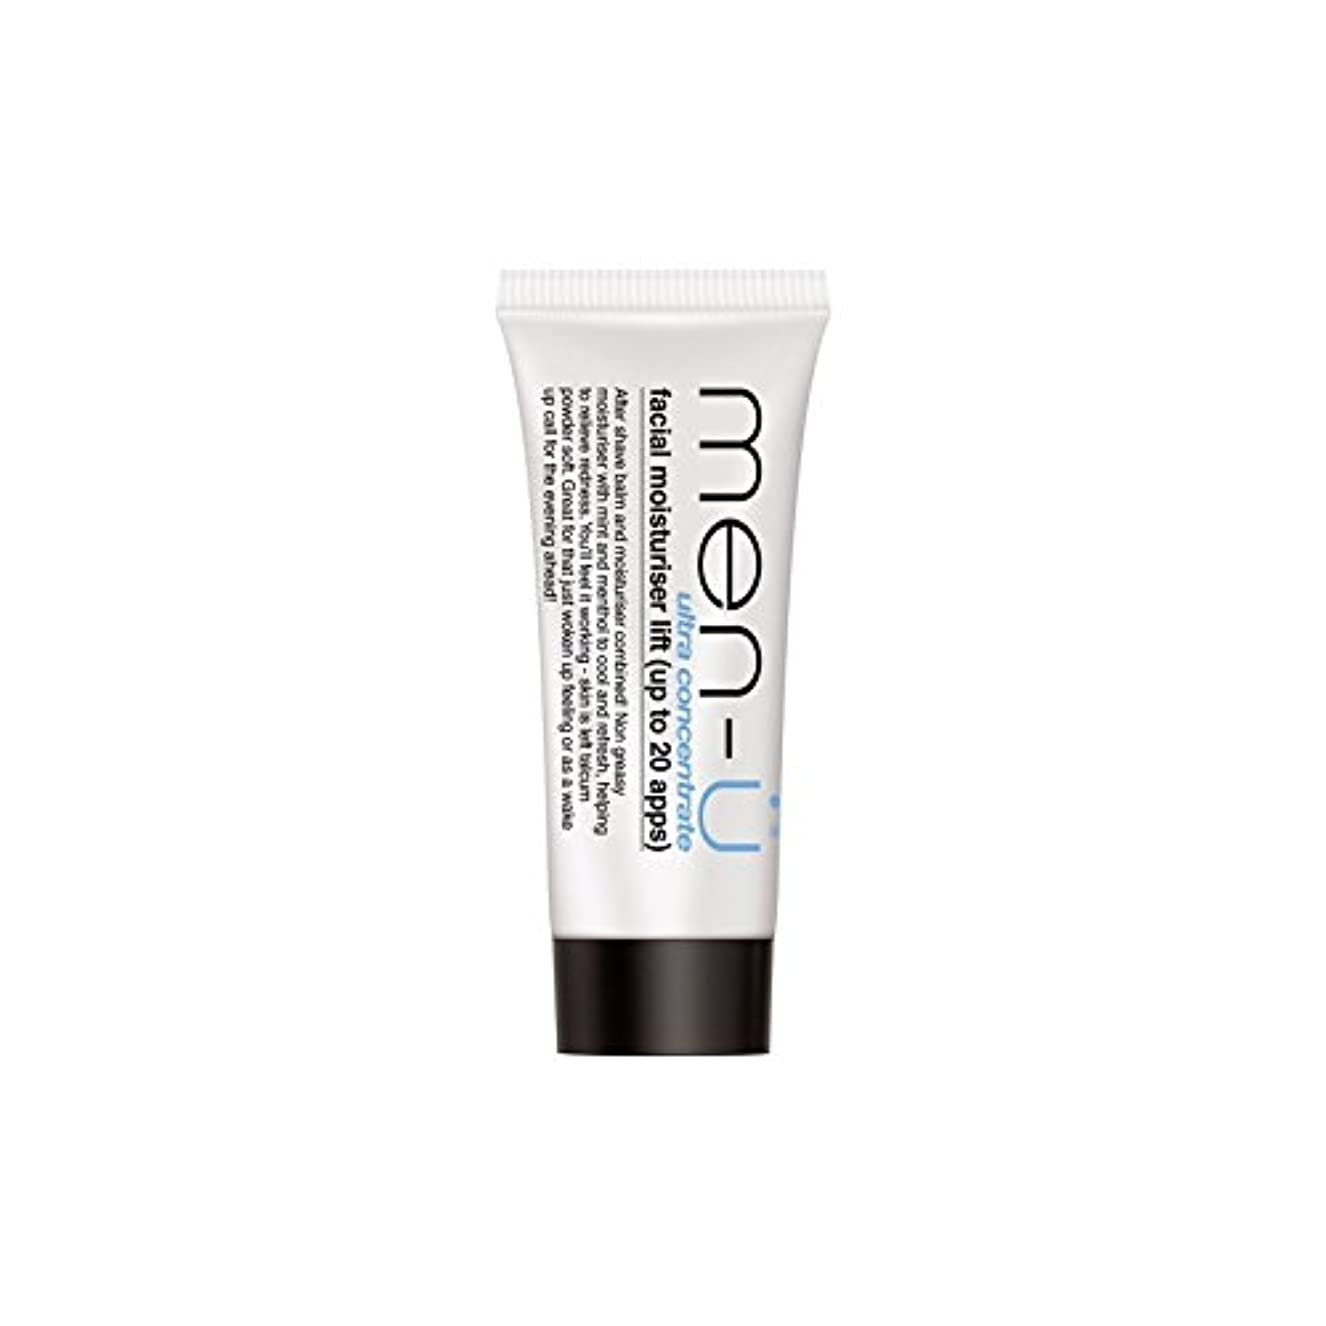 医薬牧師ミシンMen-? Buddy Facial Moisturiser Lift Tube (15ml) (Pack of 6) - 男性-のバディ顔の保湿剤のリフトチューブ(15ミリリットル) x6 [並行輸入品]